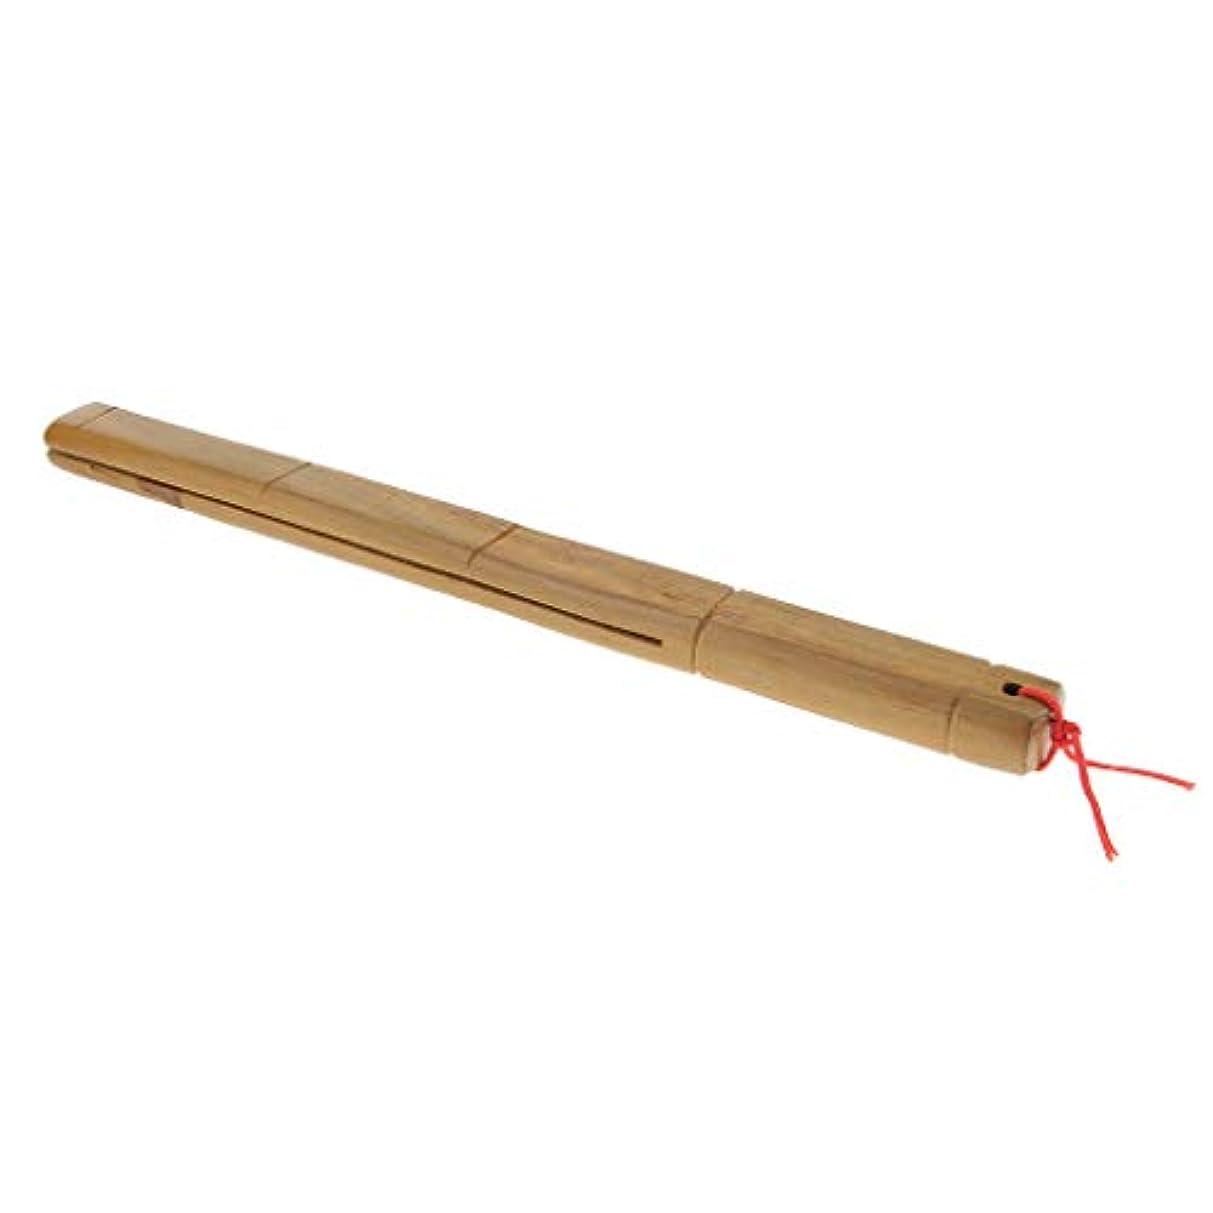 動揺させる十分ボリュームD DOLITY 木製マッサージャー ロングハンドル フルボディー マッサージ